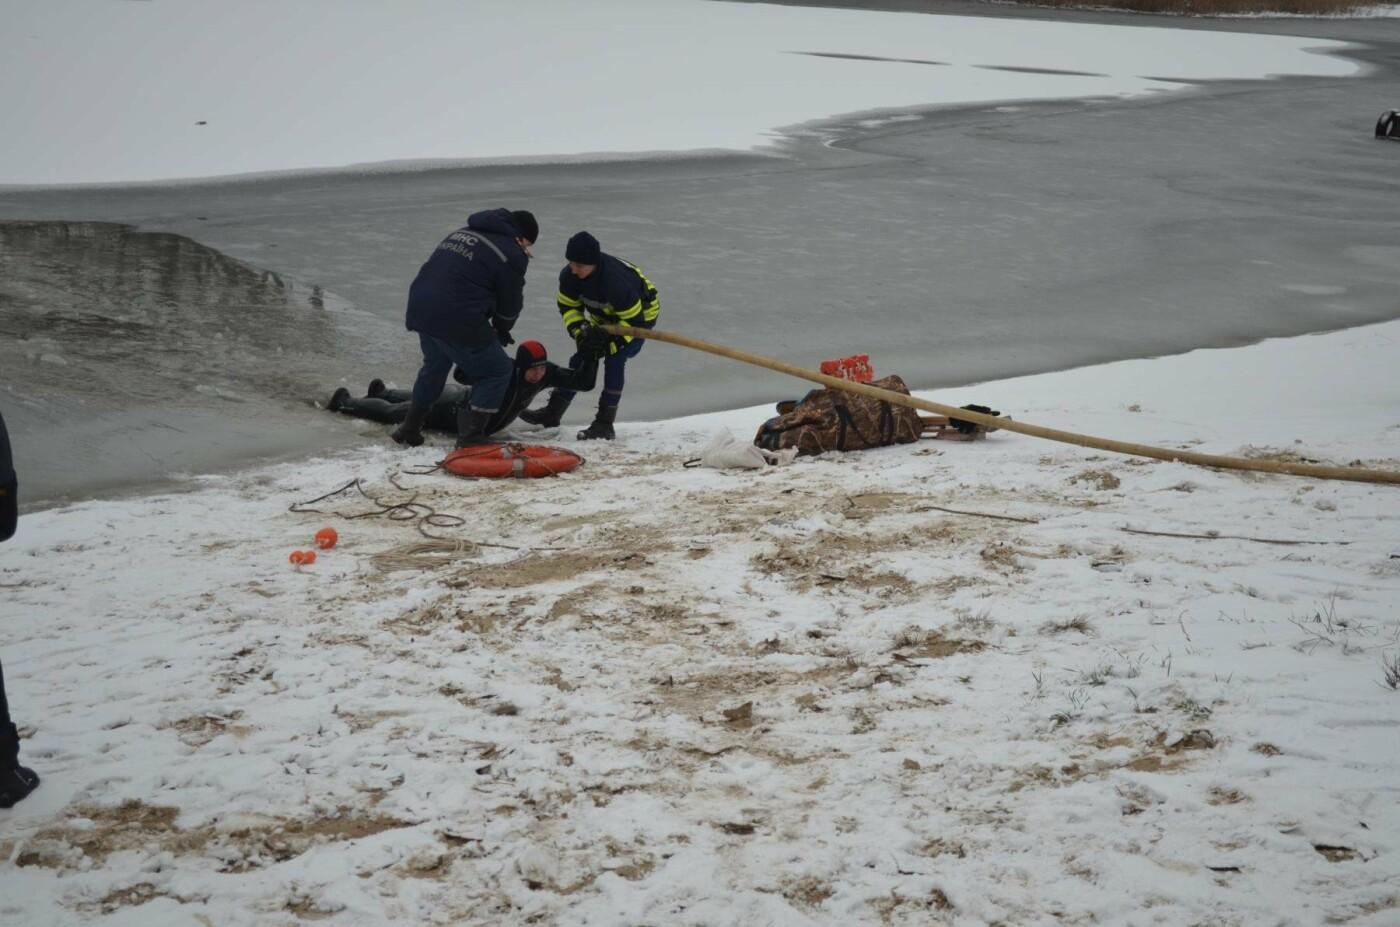 В Кривом Роге спасатели готовились к Крещению и учились доставать из ледяной воды утопающих (ФОТО), фото-1